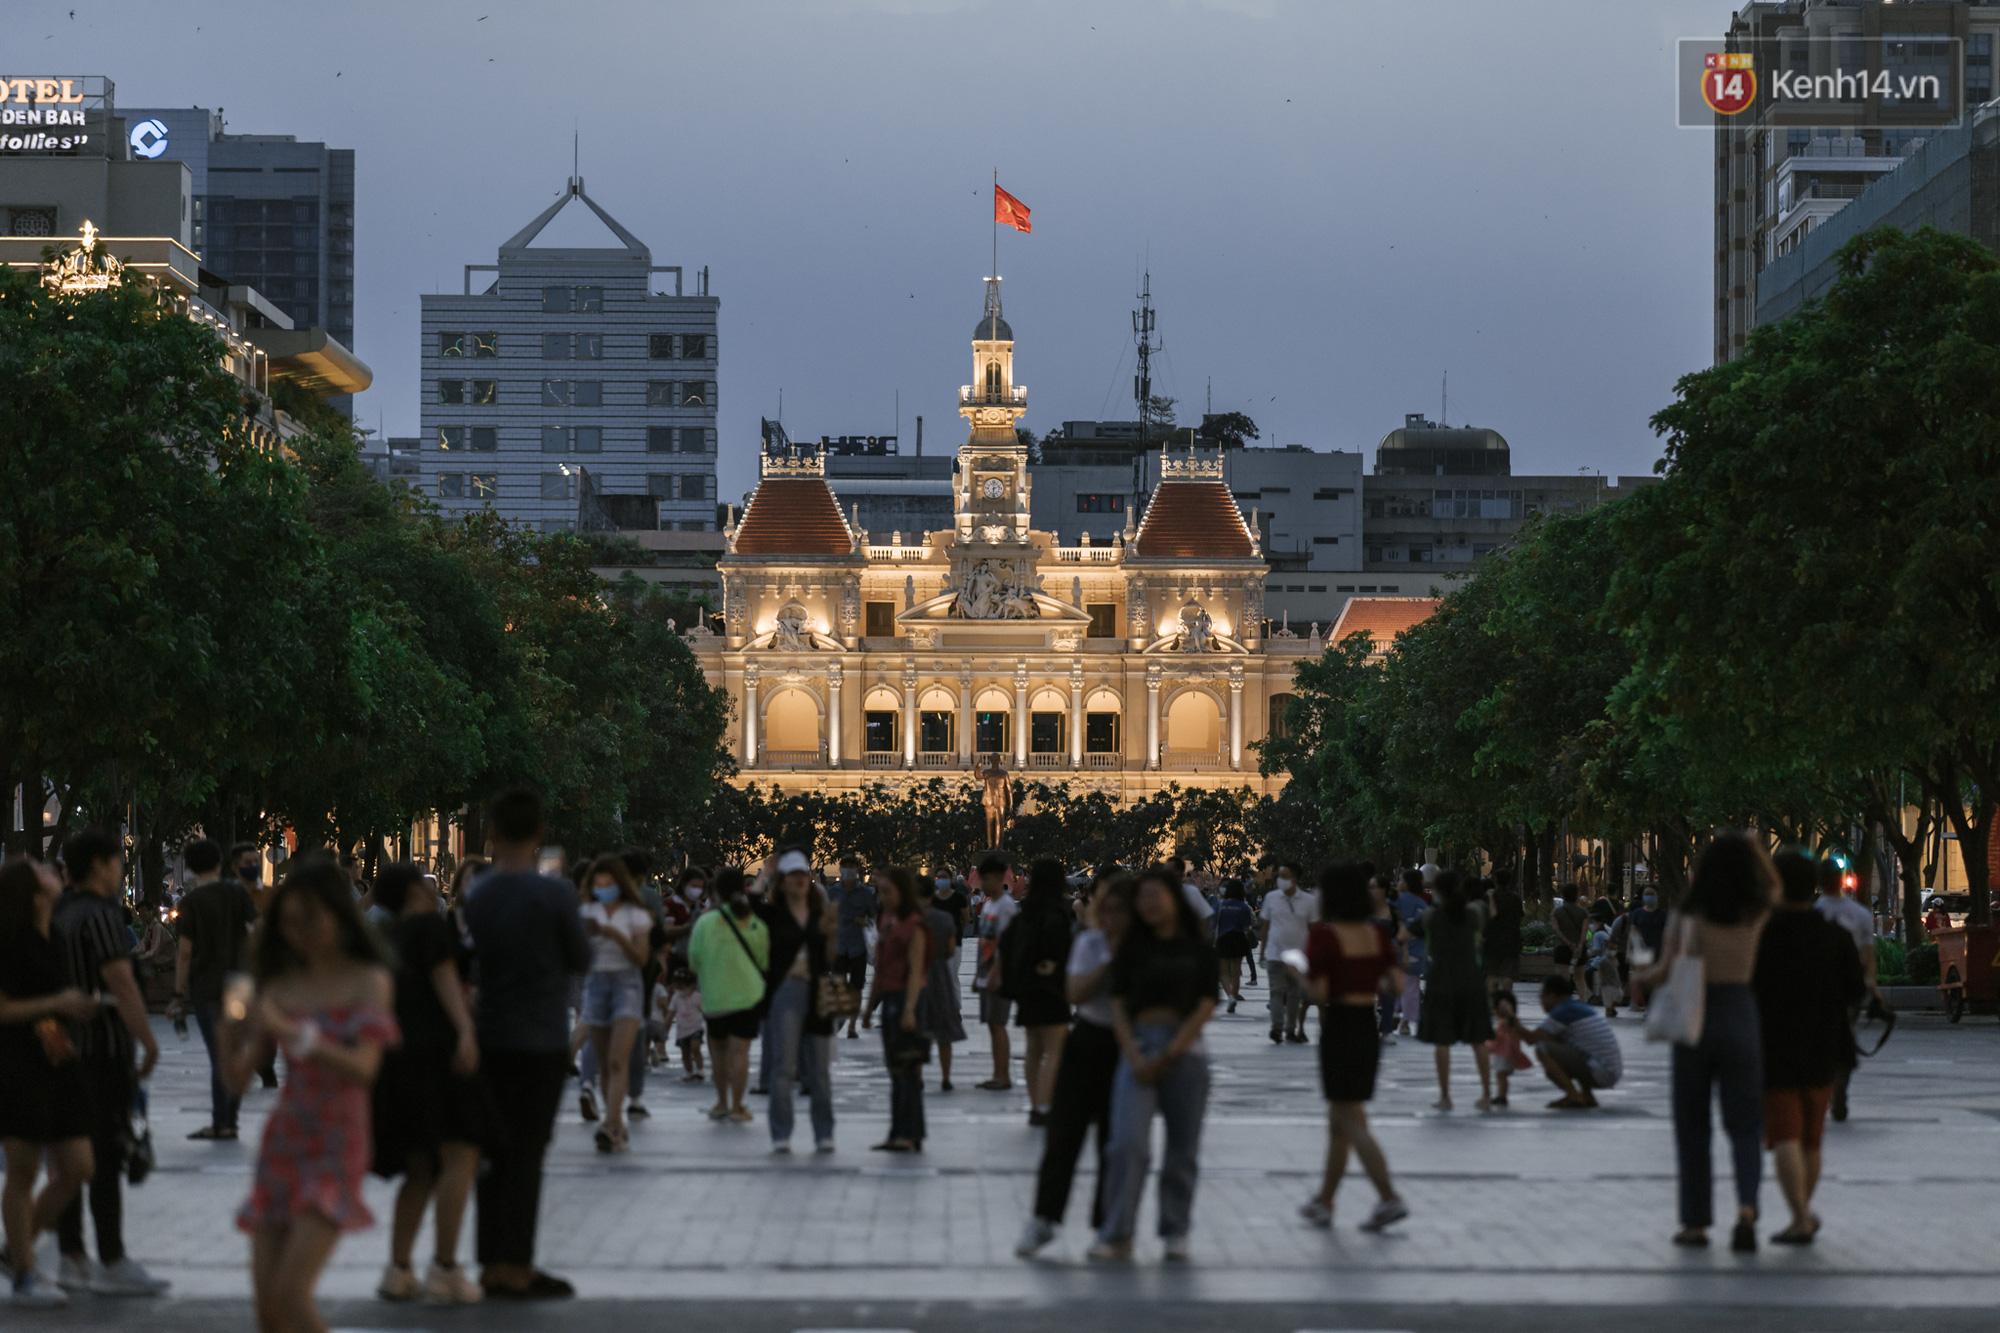 """Sài Gòn nhộn nhịp trong buổi tối nghỉ lễ đầu tiên: Khu vực trung tâm dần trở nên đông đúc, nhiều người lo sợ vẫn kè kè"""" chiếc khẩu trang bên mình-1"""